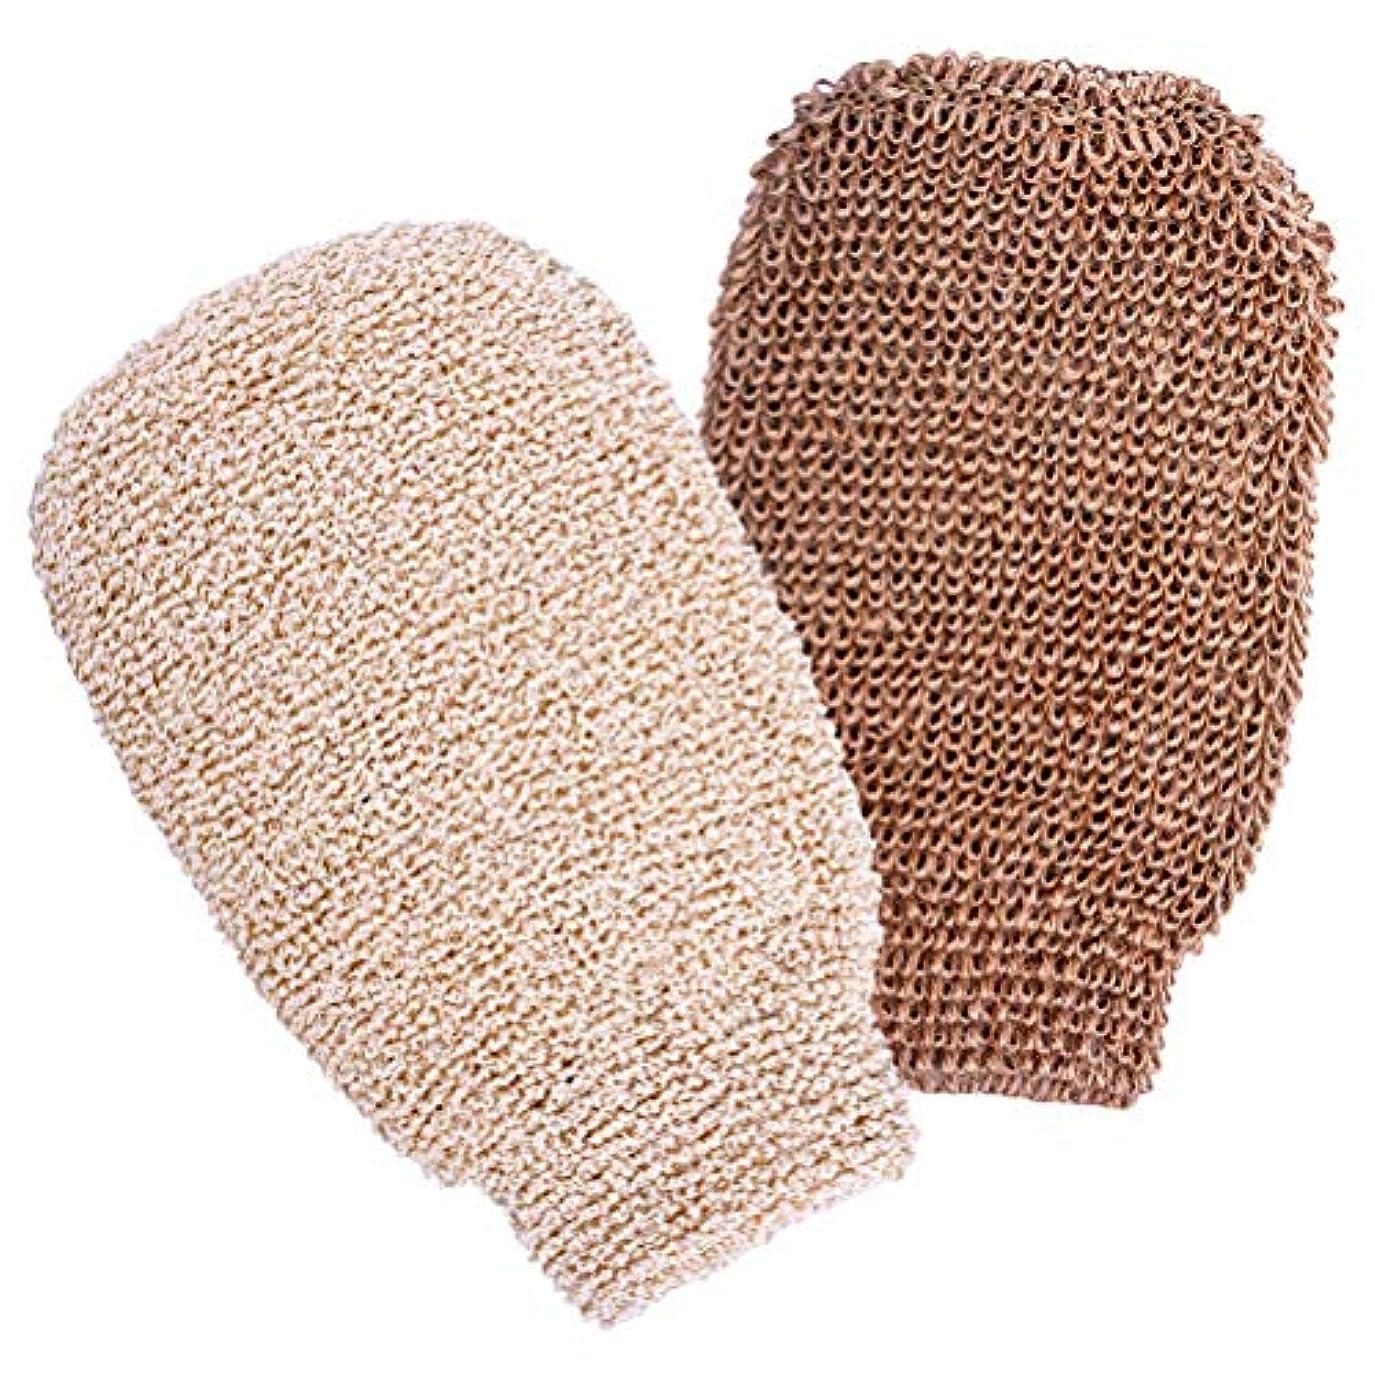 一目ピルファーギャロップFBYED 2個 シャワージェル手袋スキンケア手袋 天然亜麻繊維 天然竹繊維製 入浴用手袋 安全性 快適な 抗菌性 通気性 防腐剤 汗を吸収 角質除去と のスキンケア手袋